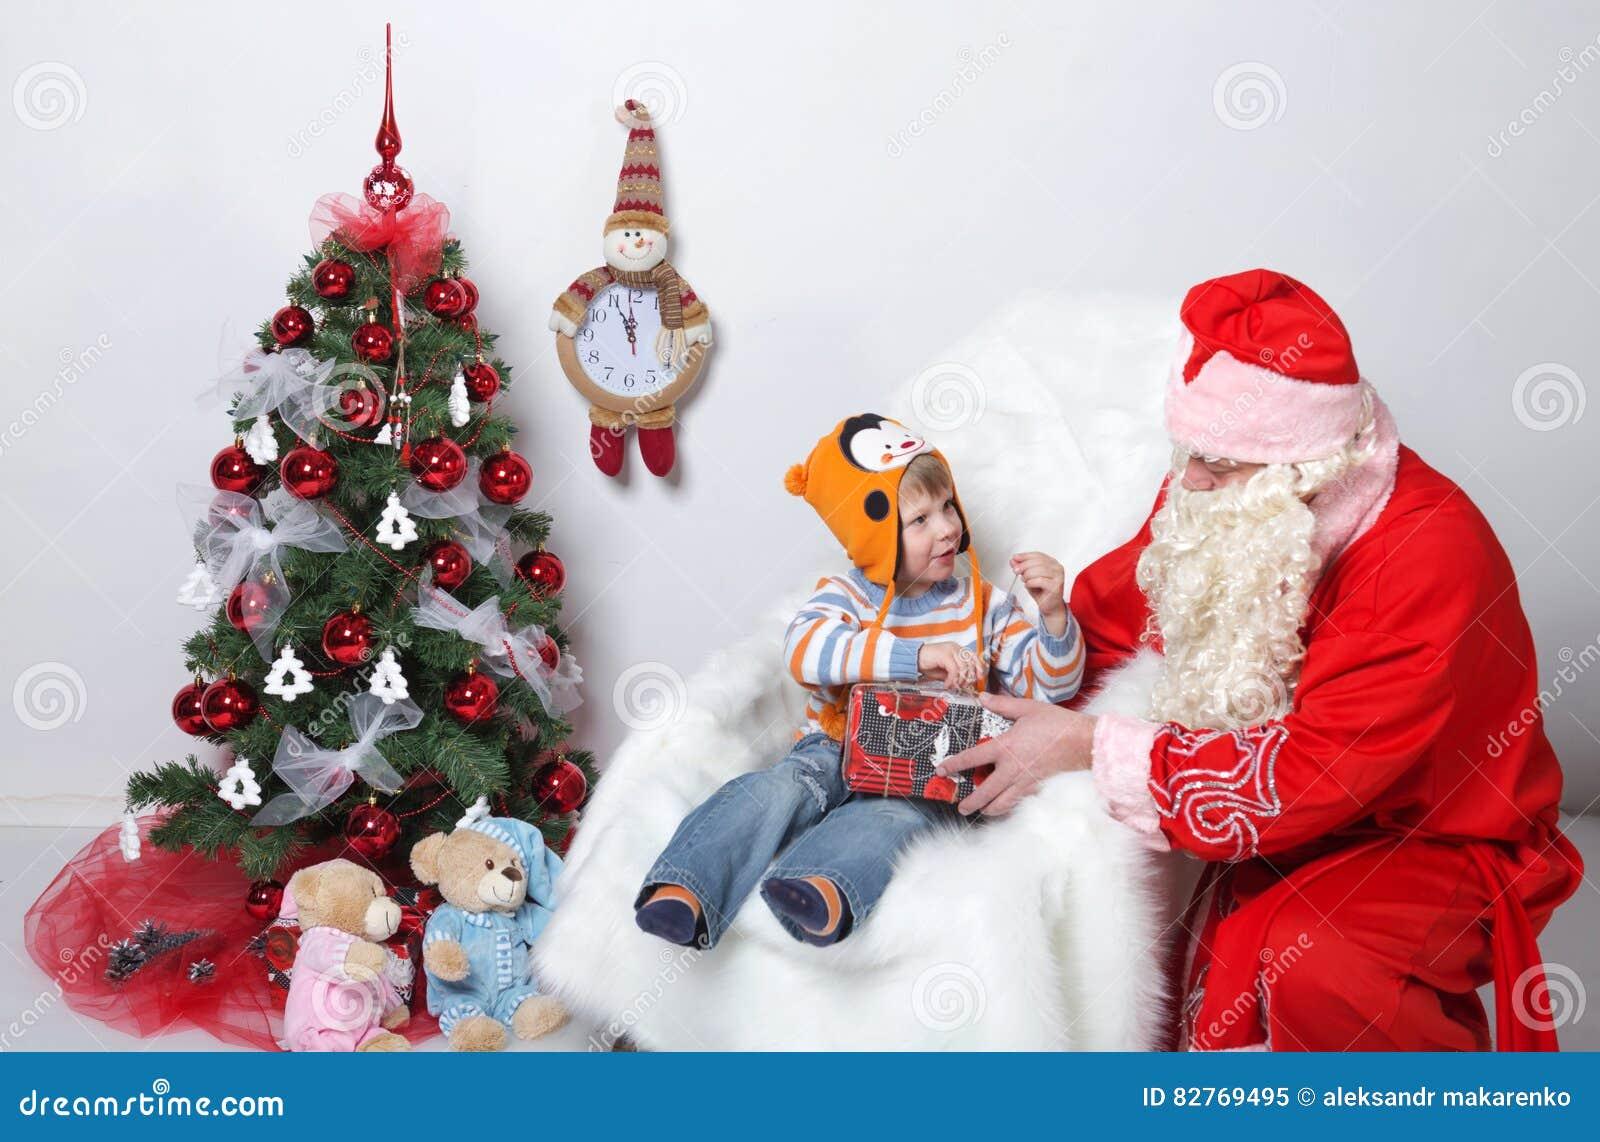 Weihnachtsmann _2 Vater-Christmas-Wünsche Von Kindern Am ...